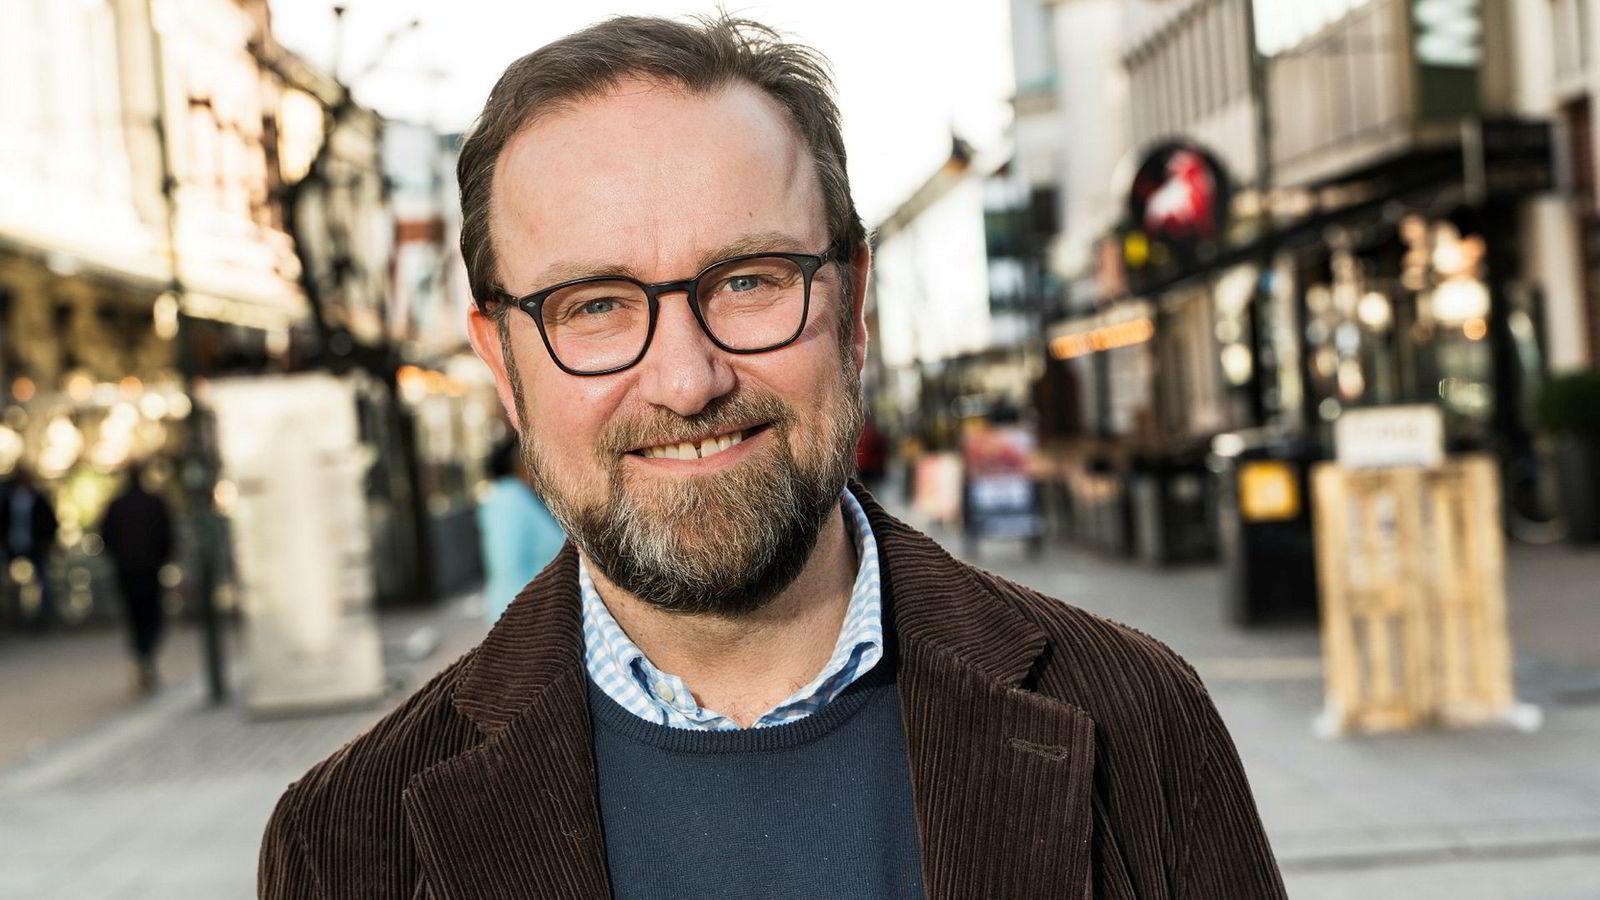 Richard Jacobsen har ingenting på nattbordet, men har tidligere lest «Vita Brevis» av Jostein Gaarder.